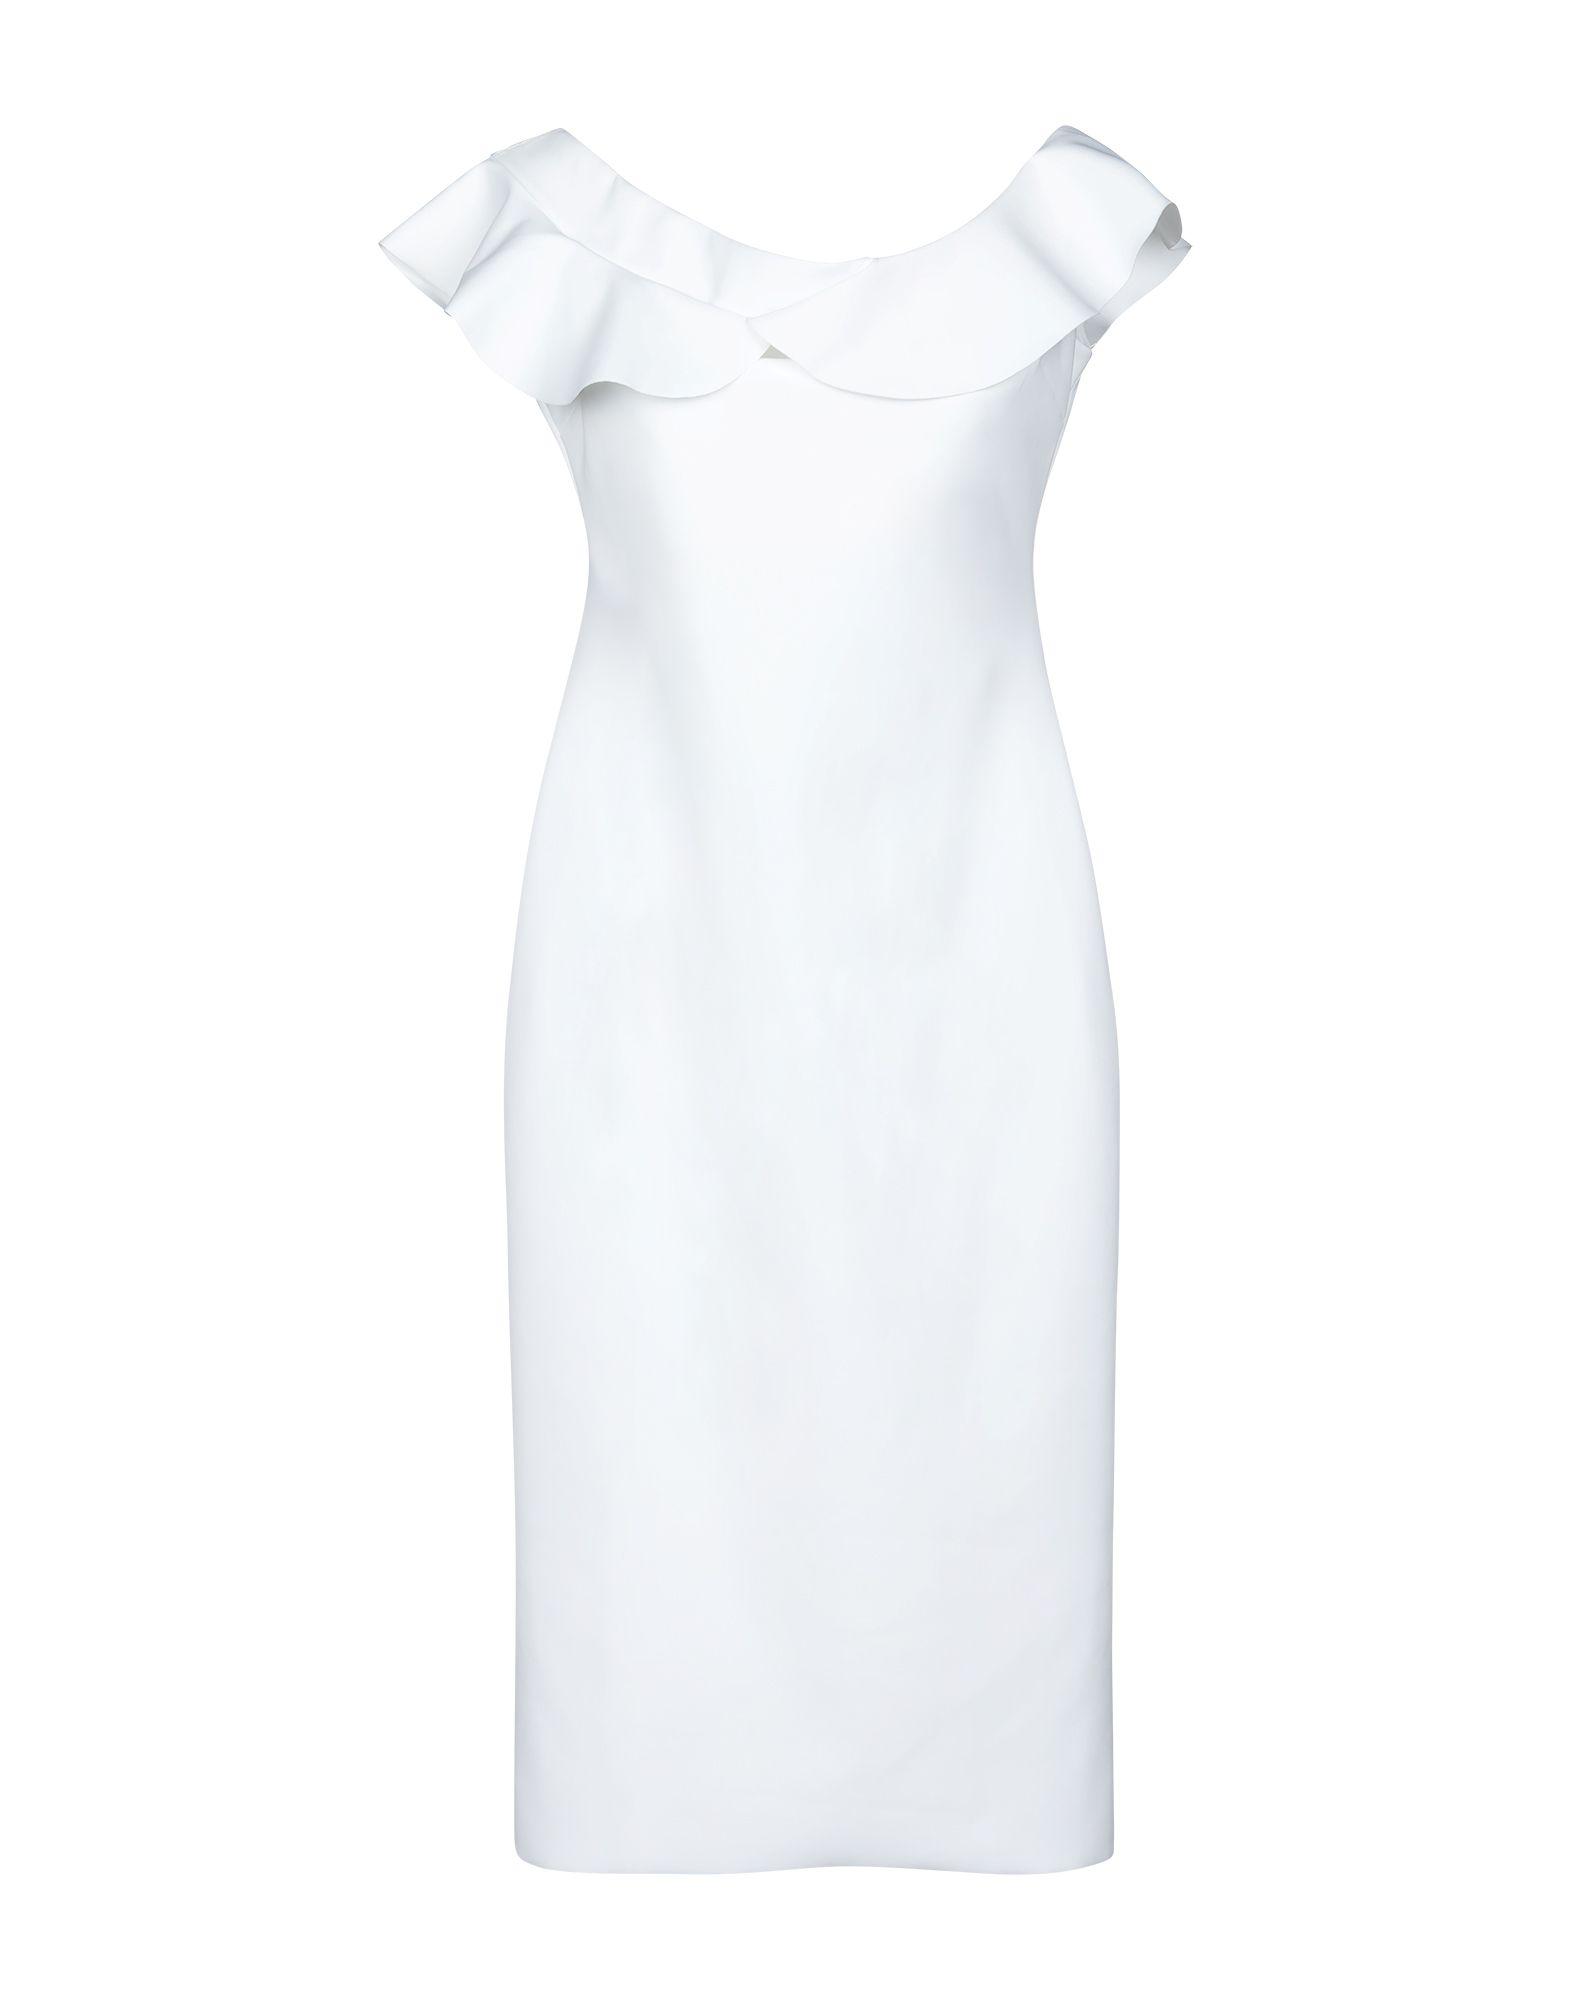 CHIARA BONI LA PETITE ROBE Платье до колена chiara boni la petite robe платье до колена